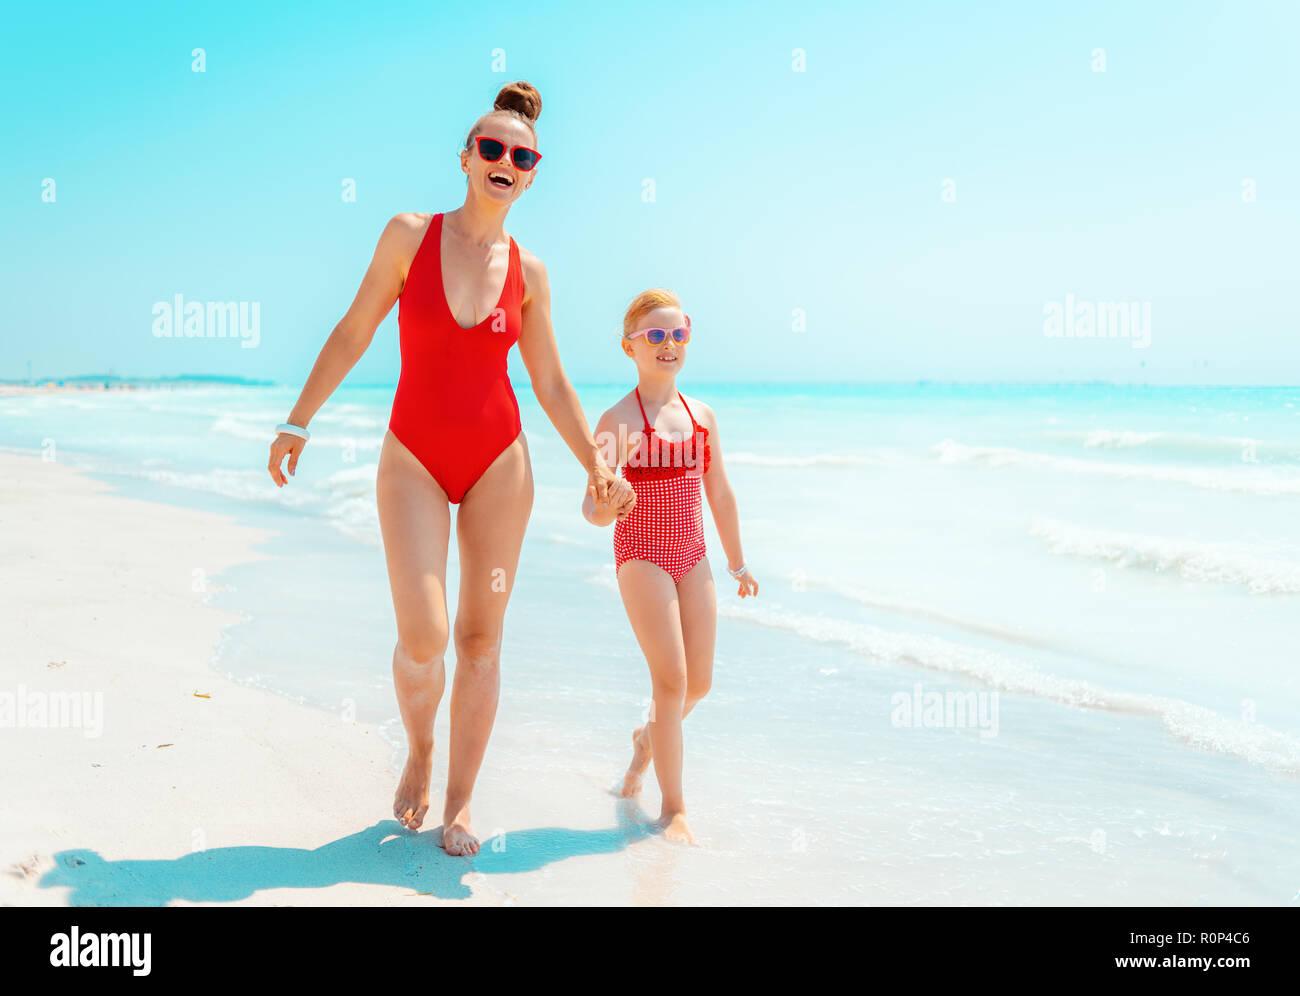 Costumi Da Bagno Per Bambino : Felice giovane madre e bambino in costume da bagno di colore rosso